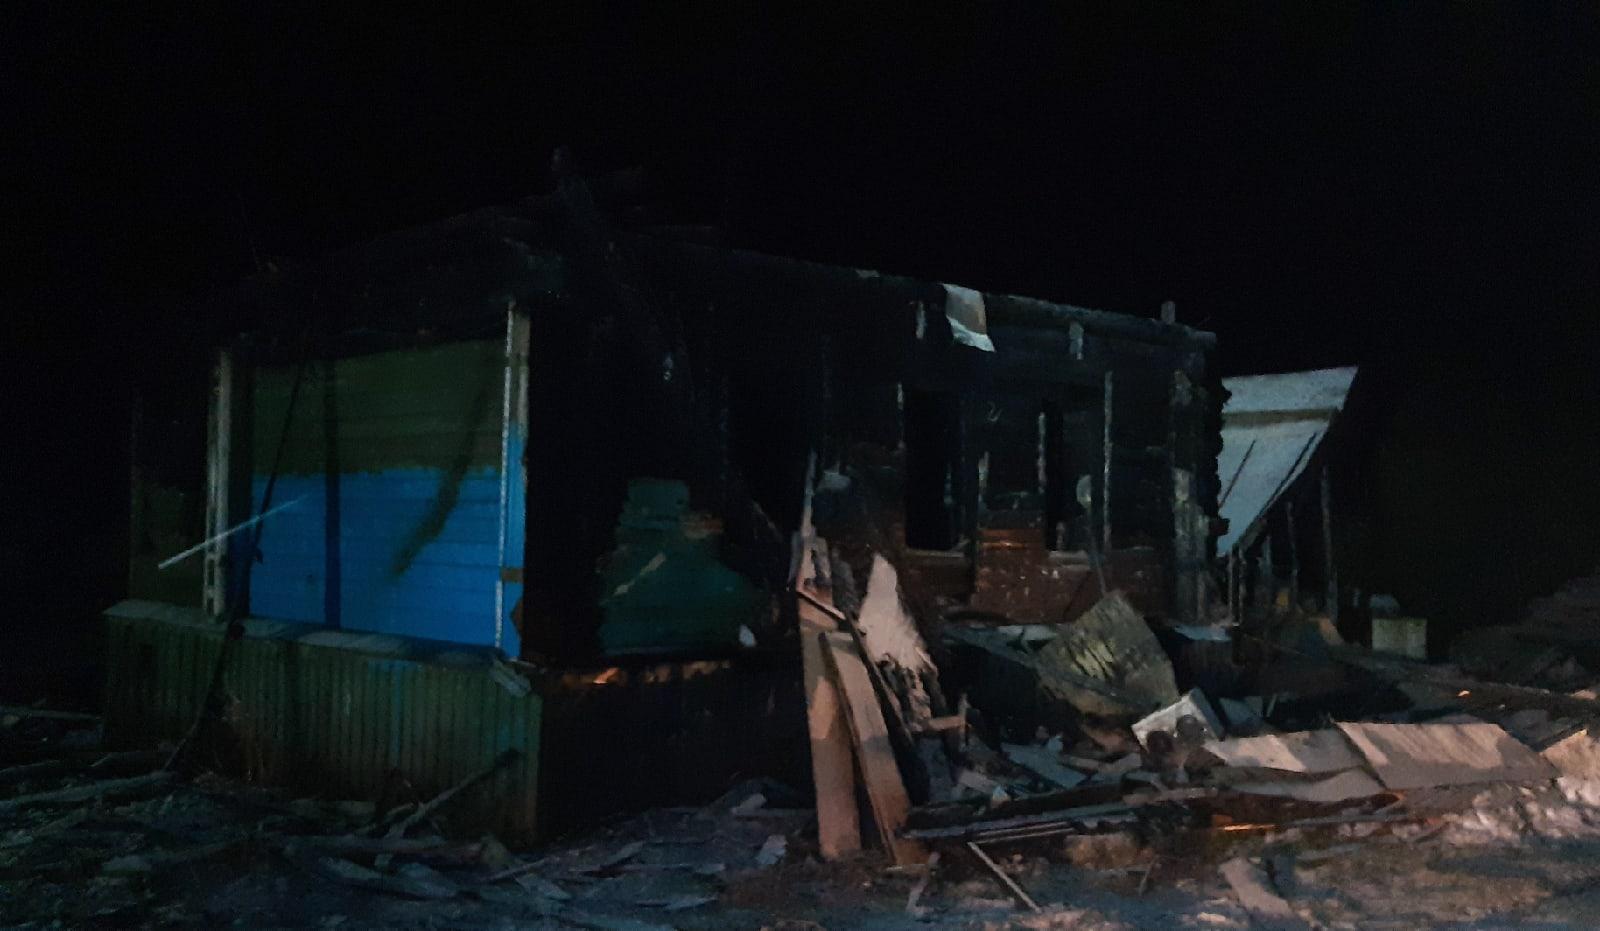 Шестилетняя девочка погибла на пожаре в Тверской области, ее родные в больнице - новости Афанасий